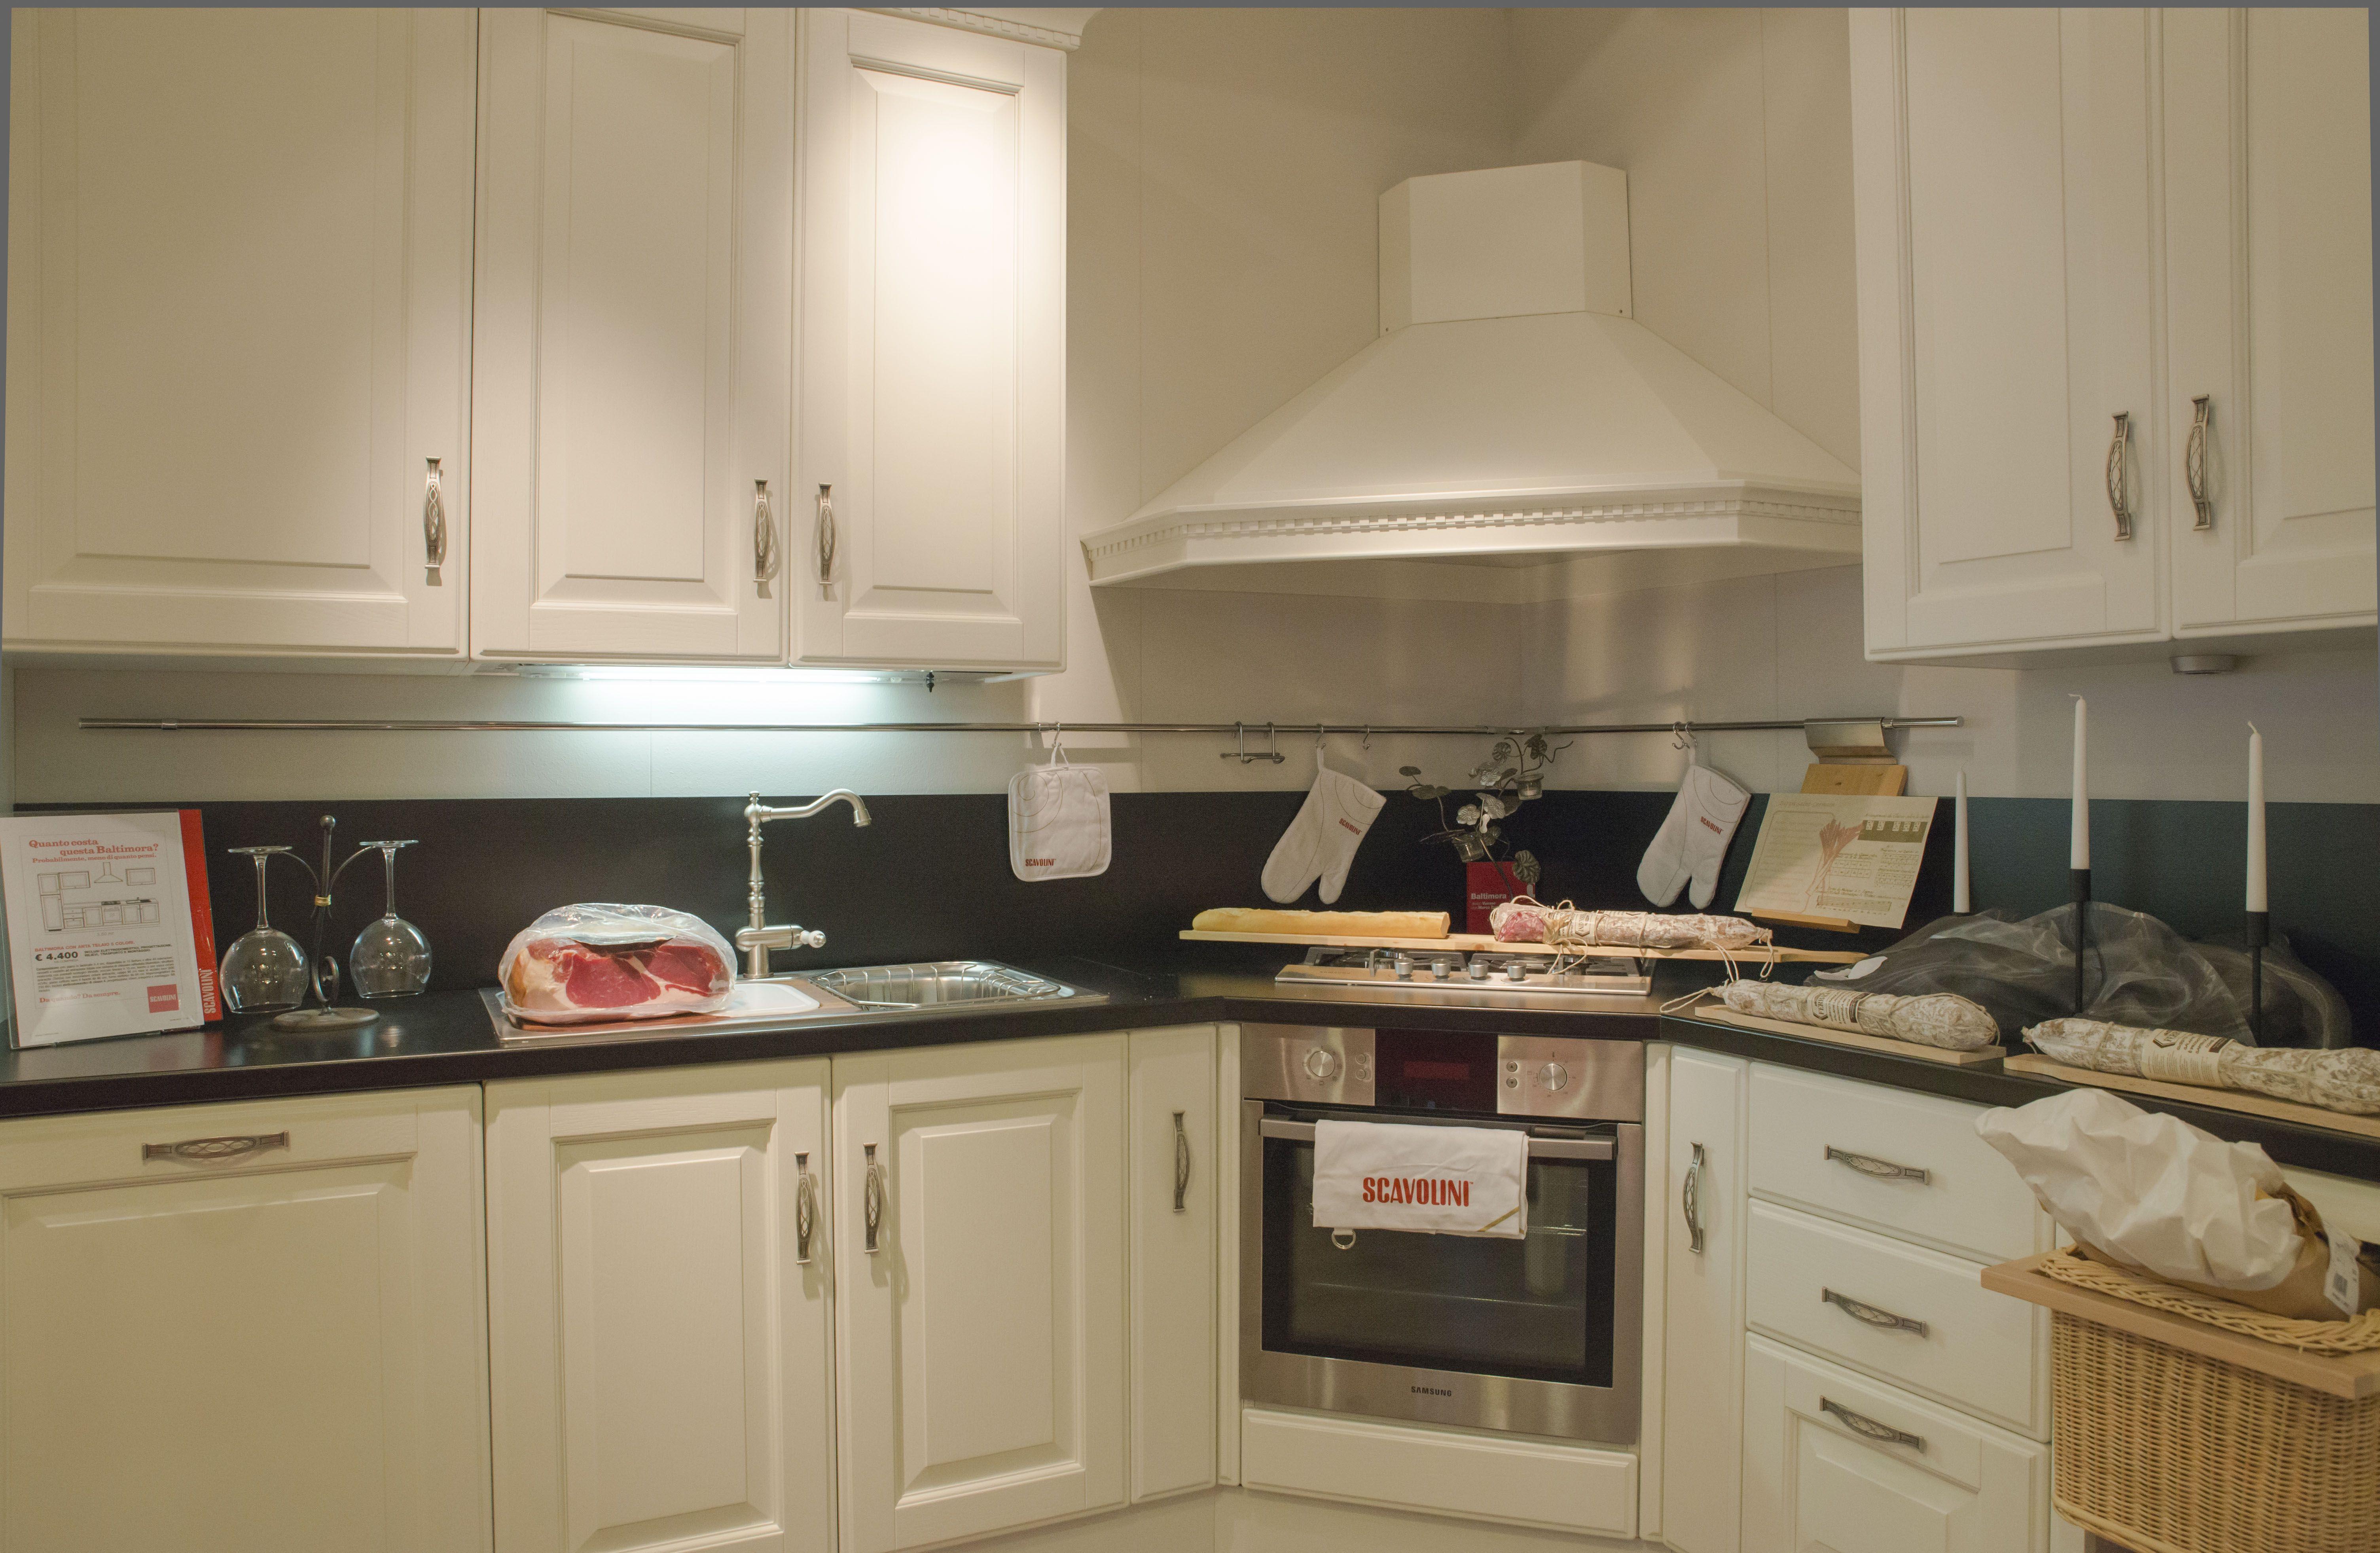 Cucine classiche Scavolini - composizione ad angolo | cucine